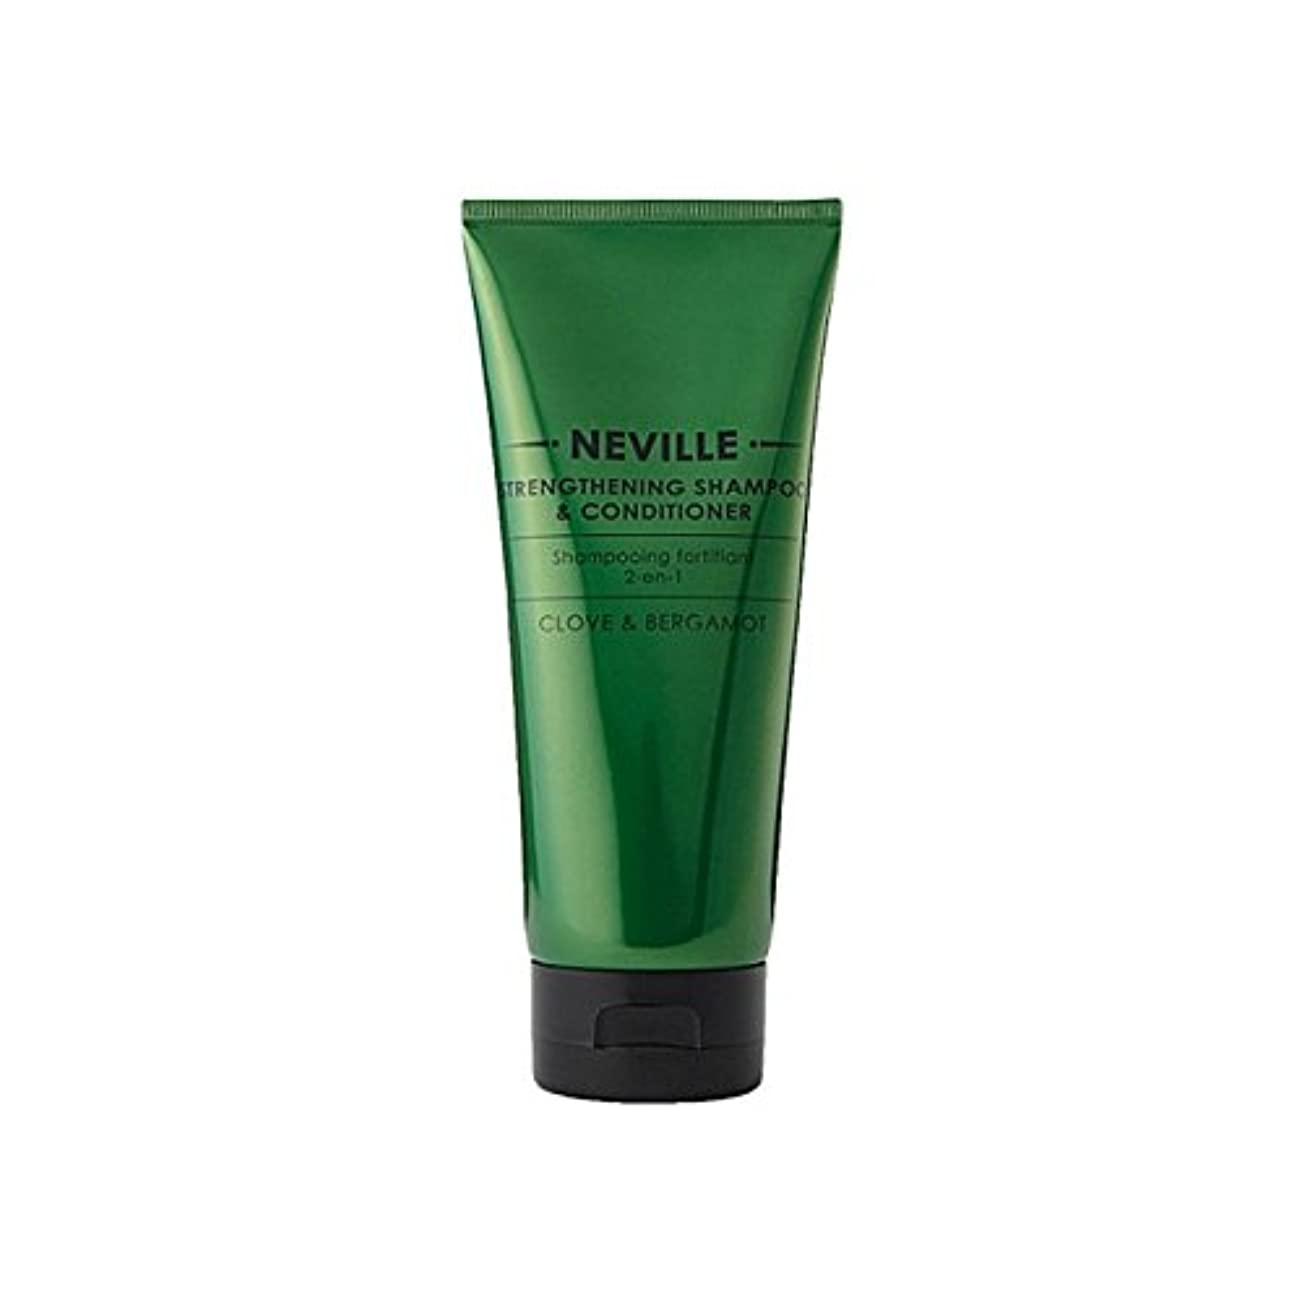 ノーブルご予約錫Neville 2-In-1 Strengthening Shampoo And Conditioner 200ml - ネビル2--1強化シャンプー及びコンディショナー200 [並行輸入品]